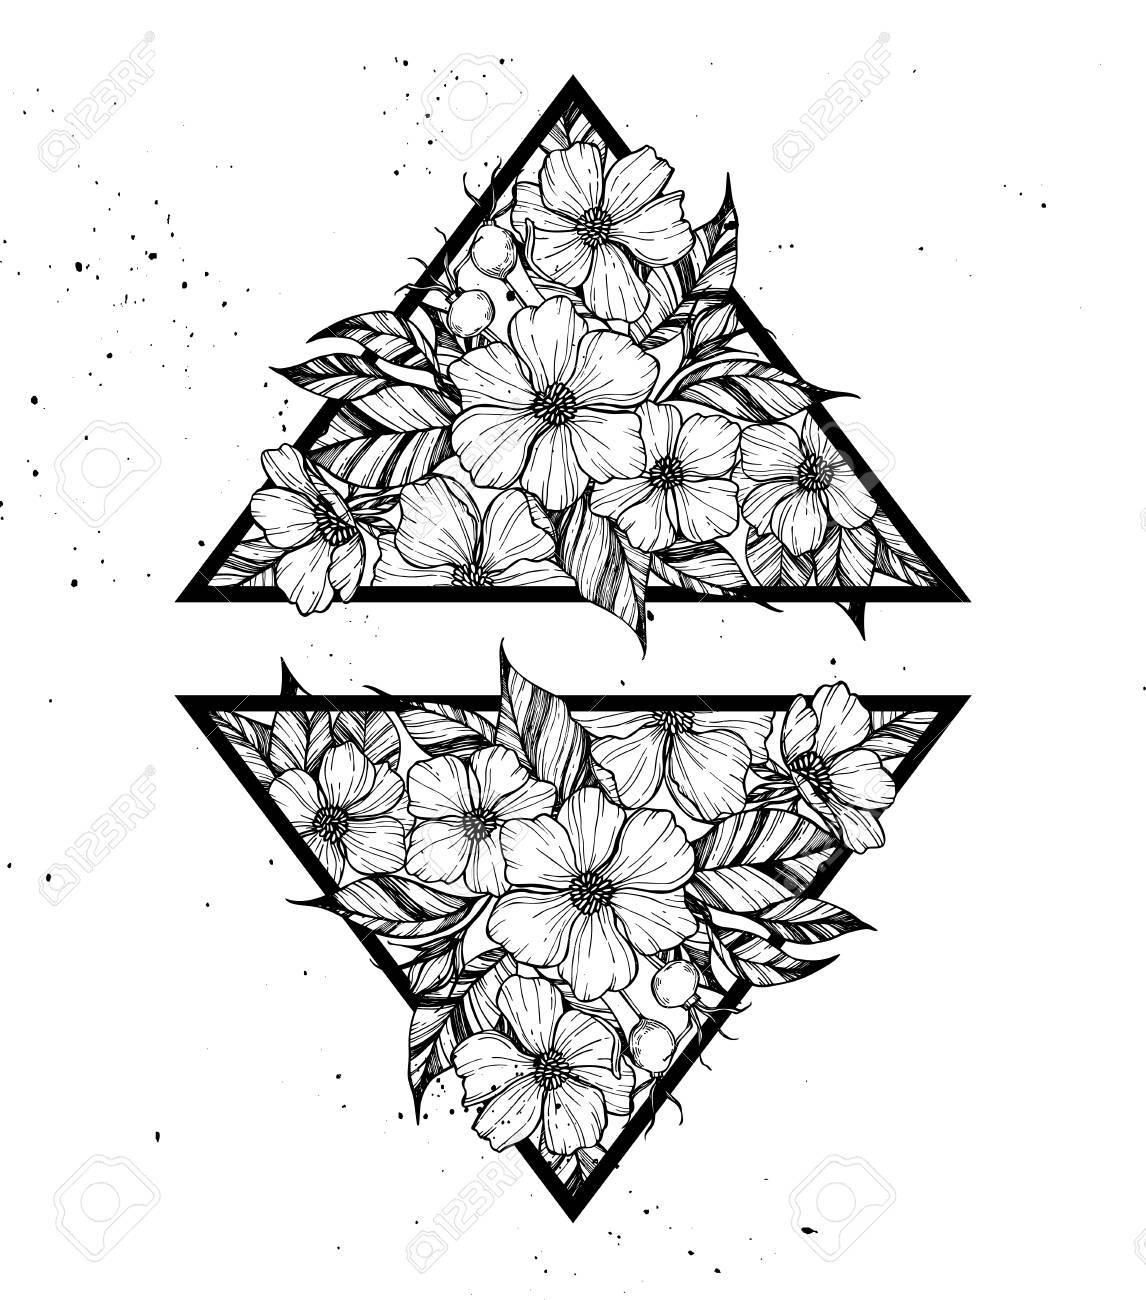 Illustration Vectorielle Dessines A La Main Triangles Avec Des